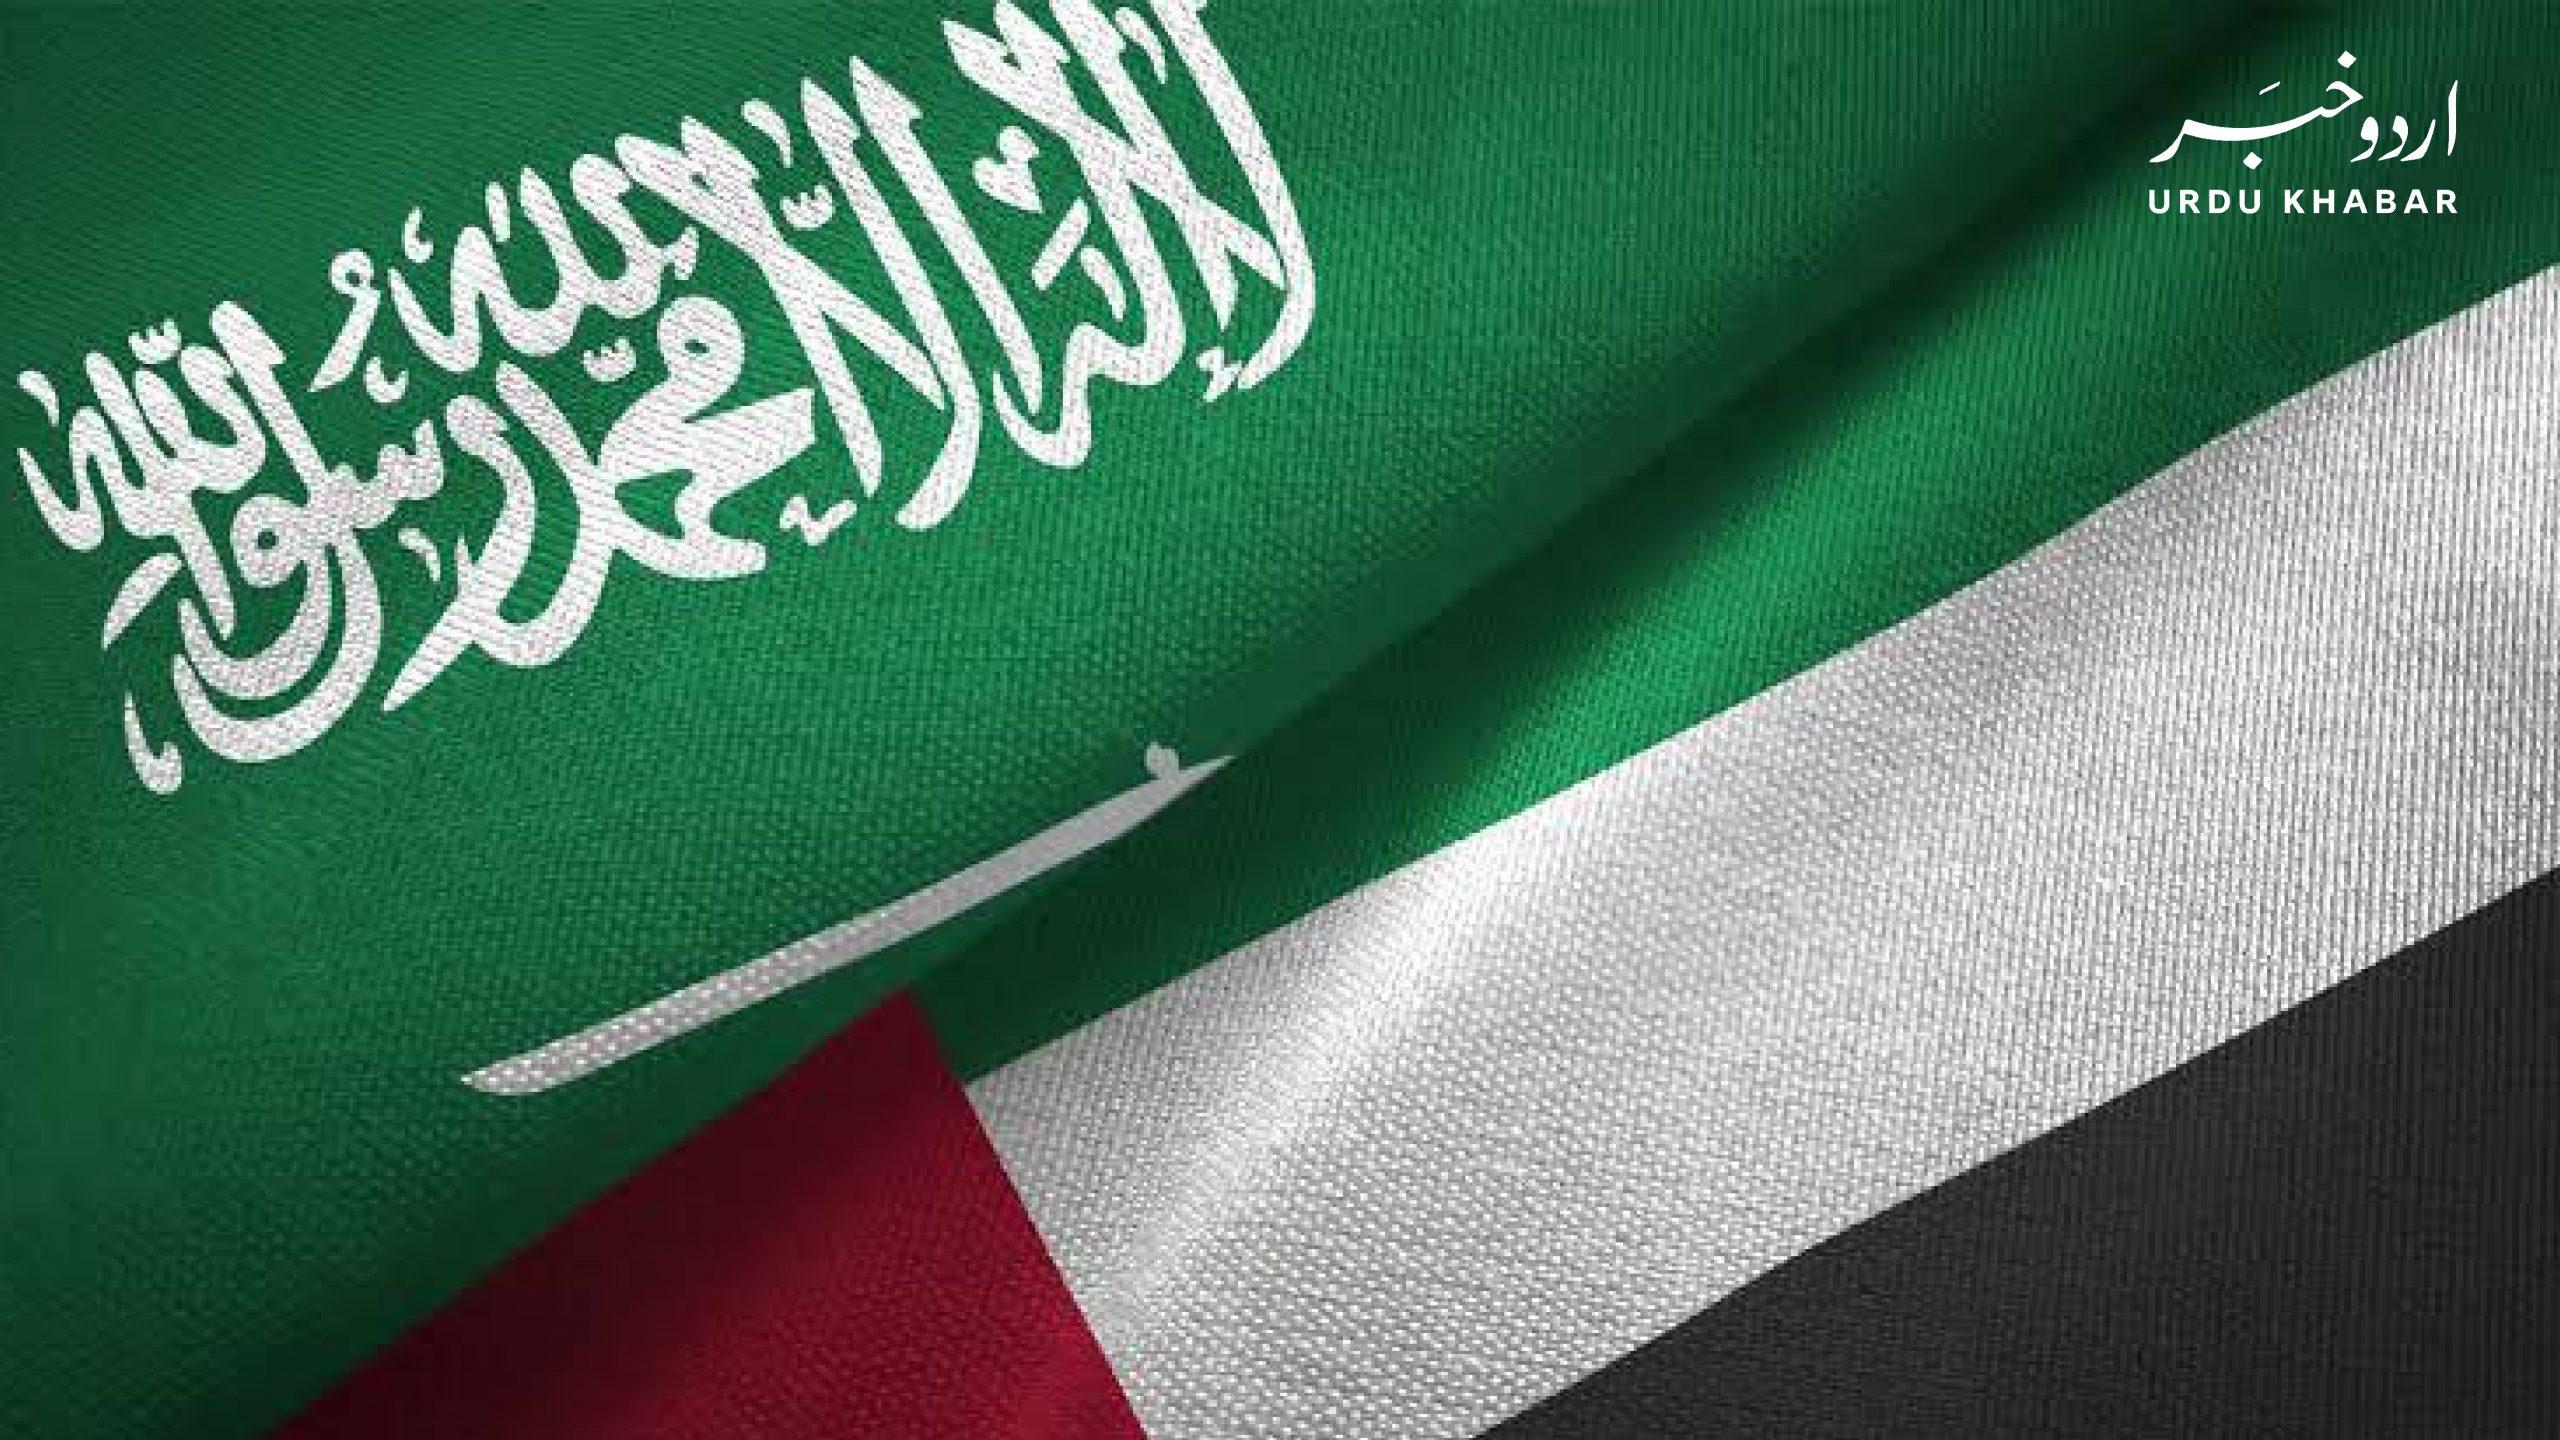 سعودی عرب اور امارات کا پاکستان پہ دو بلین ڈالر برقرار ہے